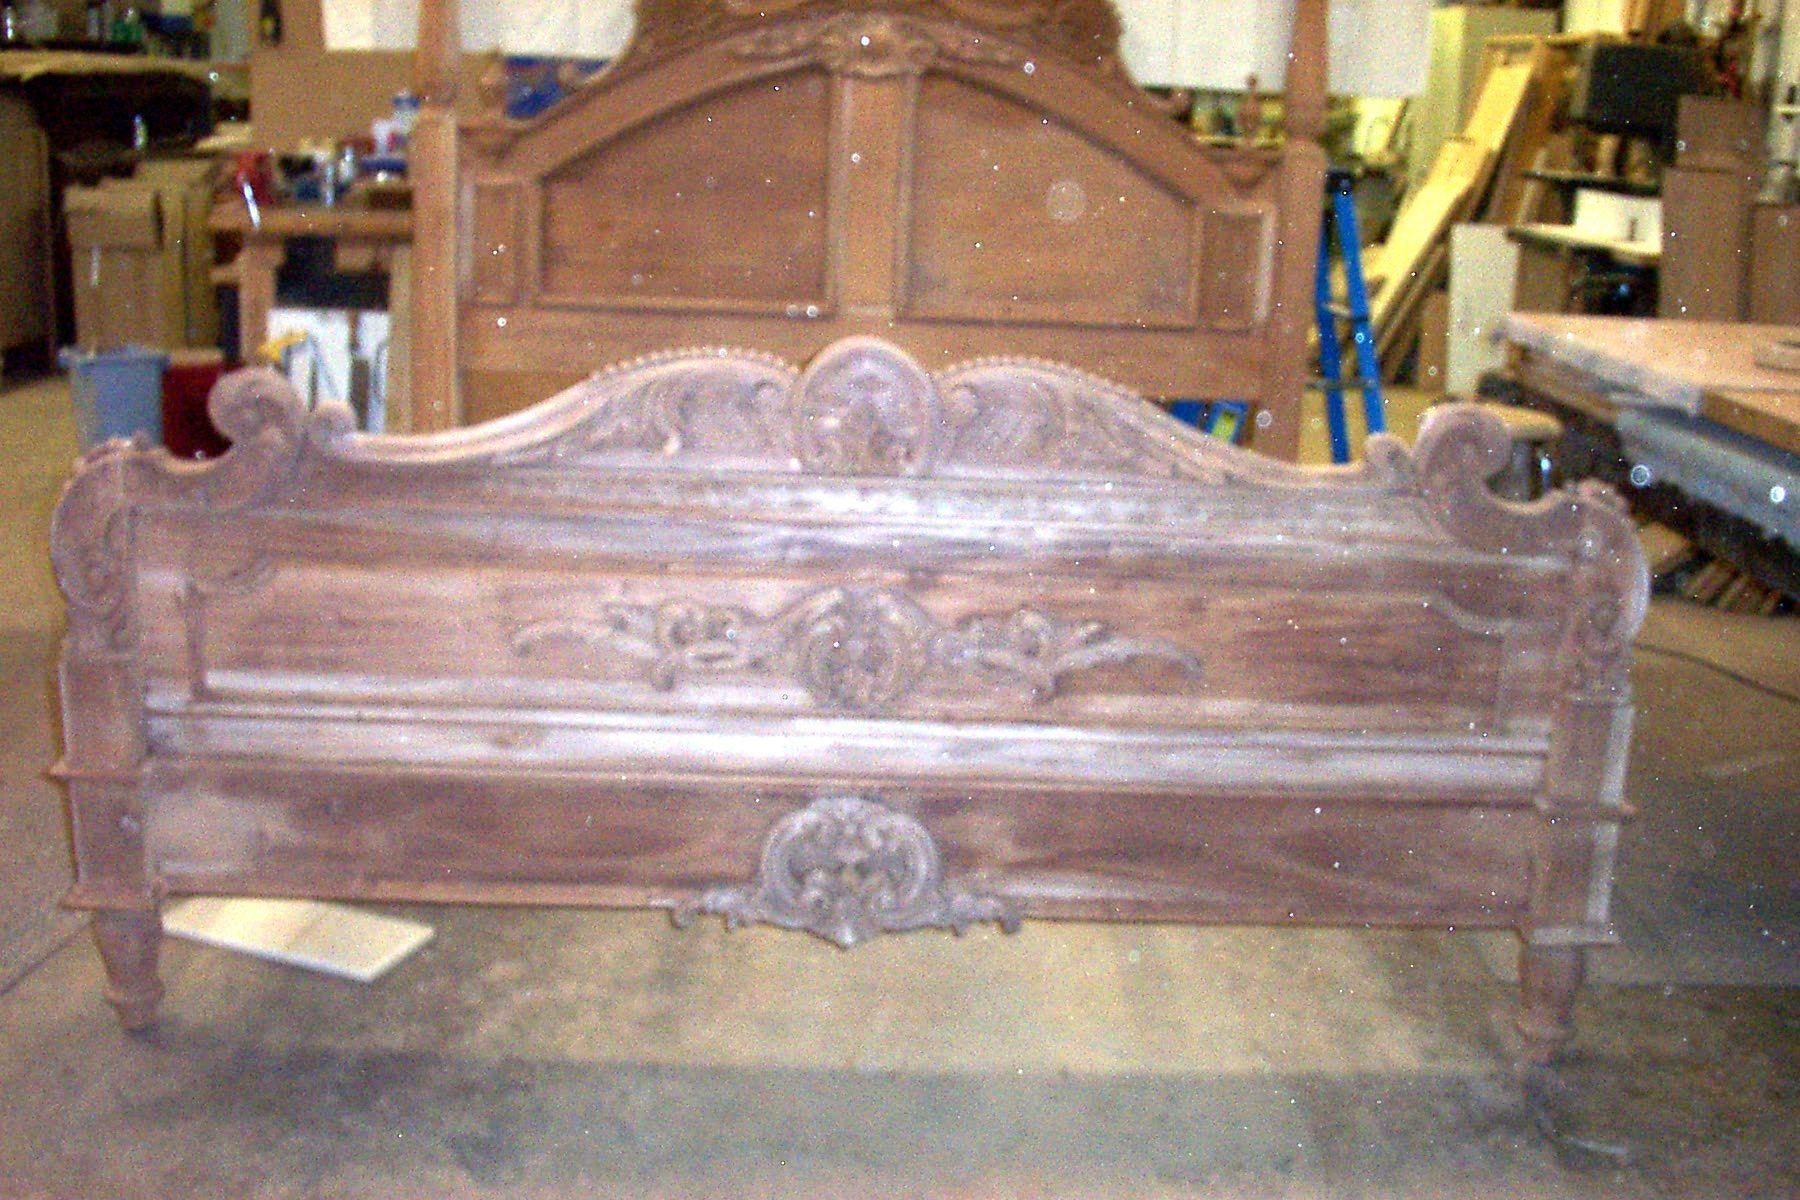 Antique Furniture Repair Refinishing Llc In Genoa Oh 43430